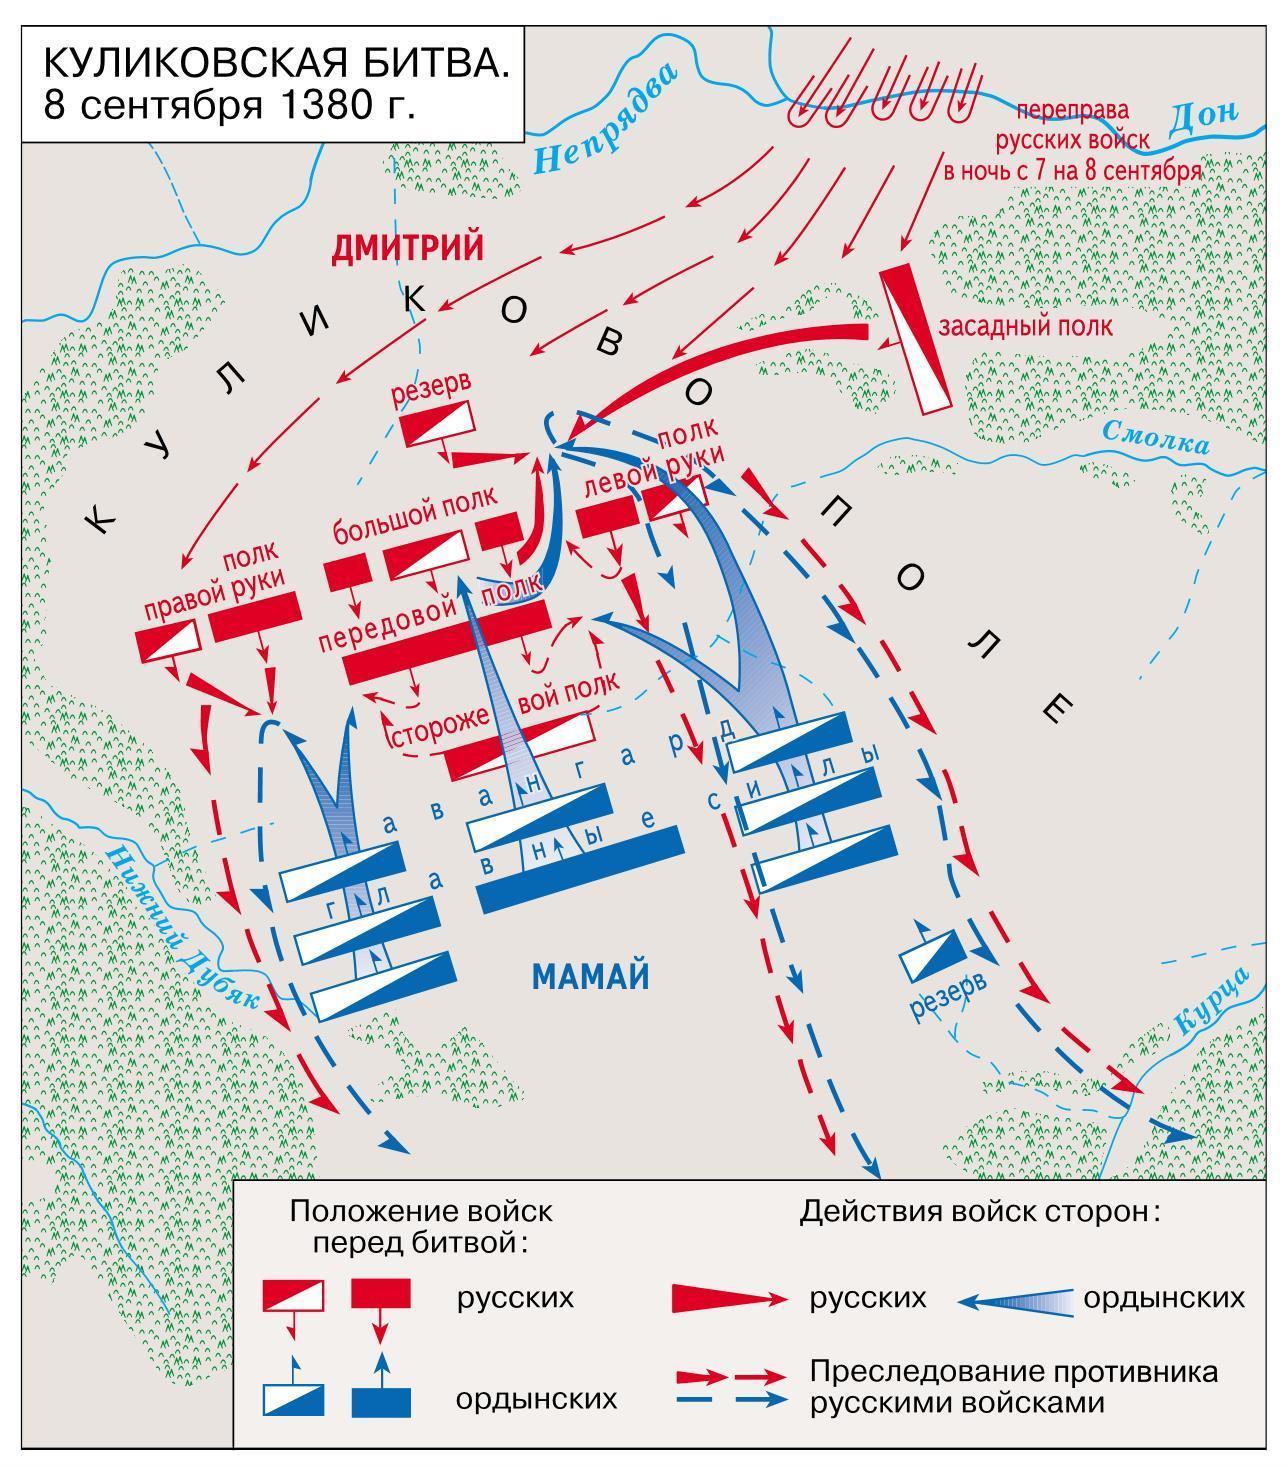 Схема куликовской битвы для 6 класса